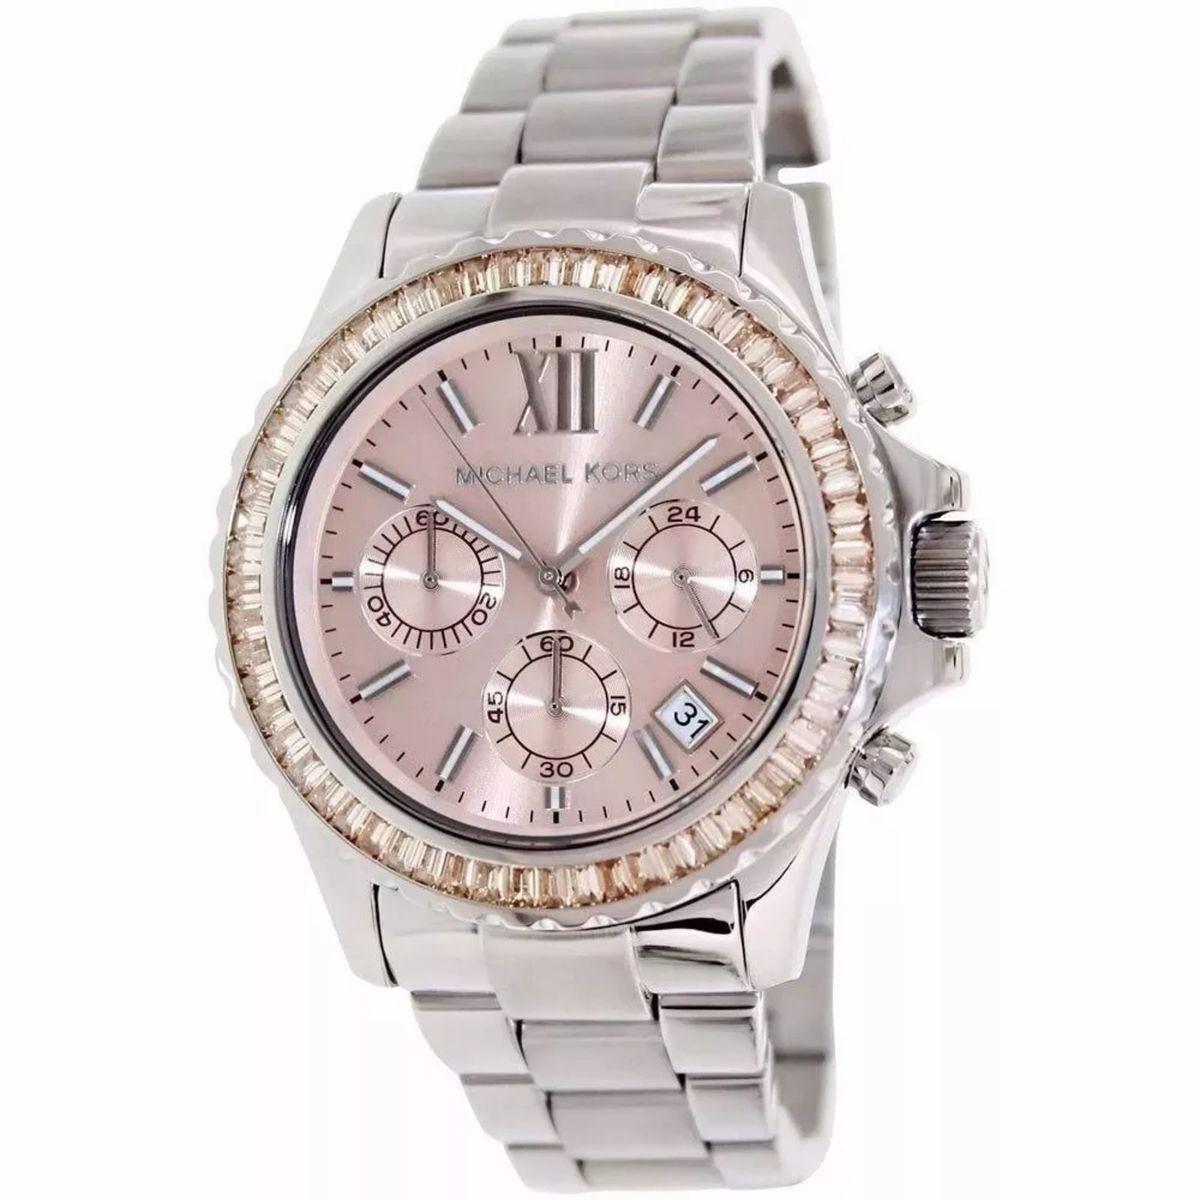 relógio michael kors mk5870 prata rose caixa e manual gf65 - relógios  michael kors 3dec42e436